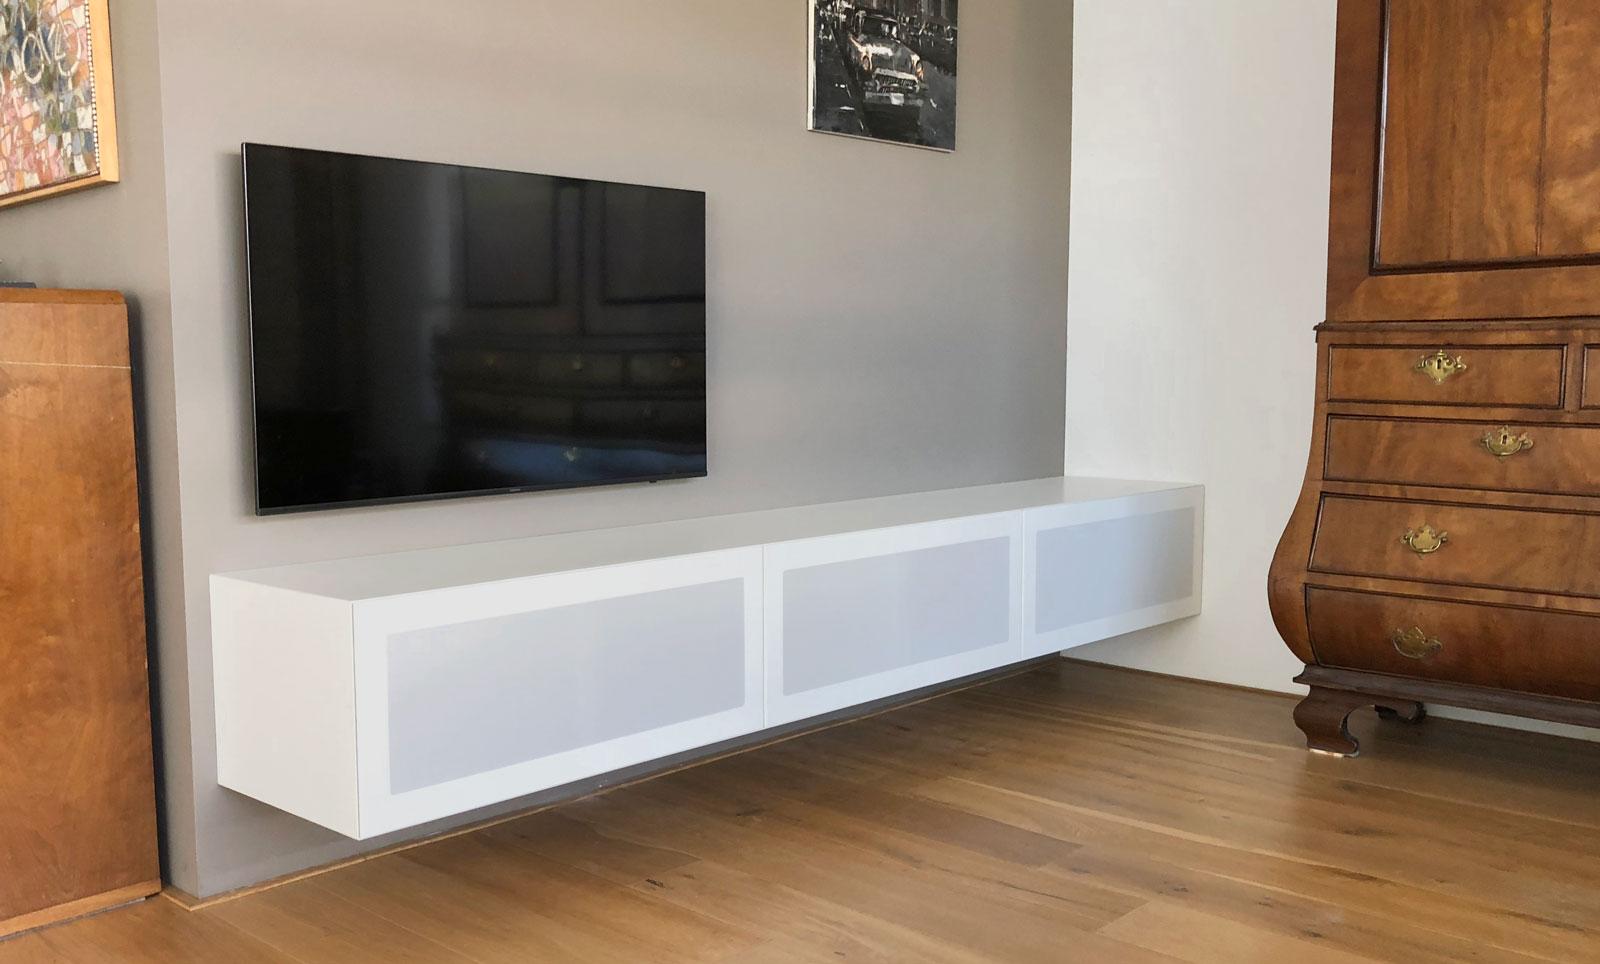 Afbeelding van een wit tv meubel op verstek met luidsprekerdeuren in een houten interieur.